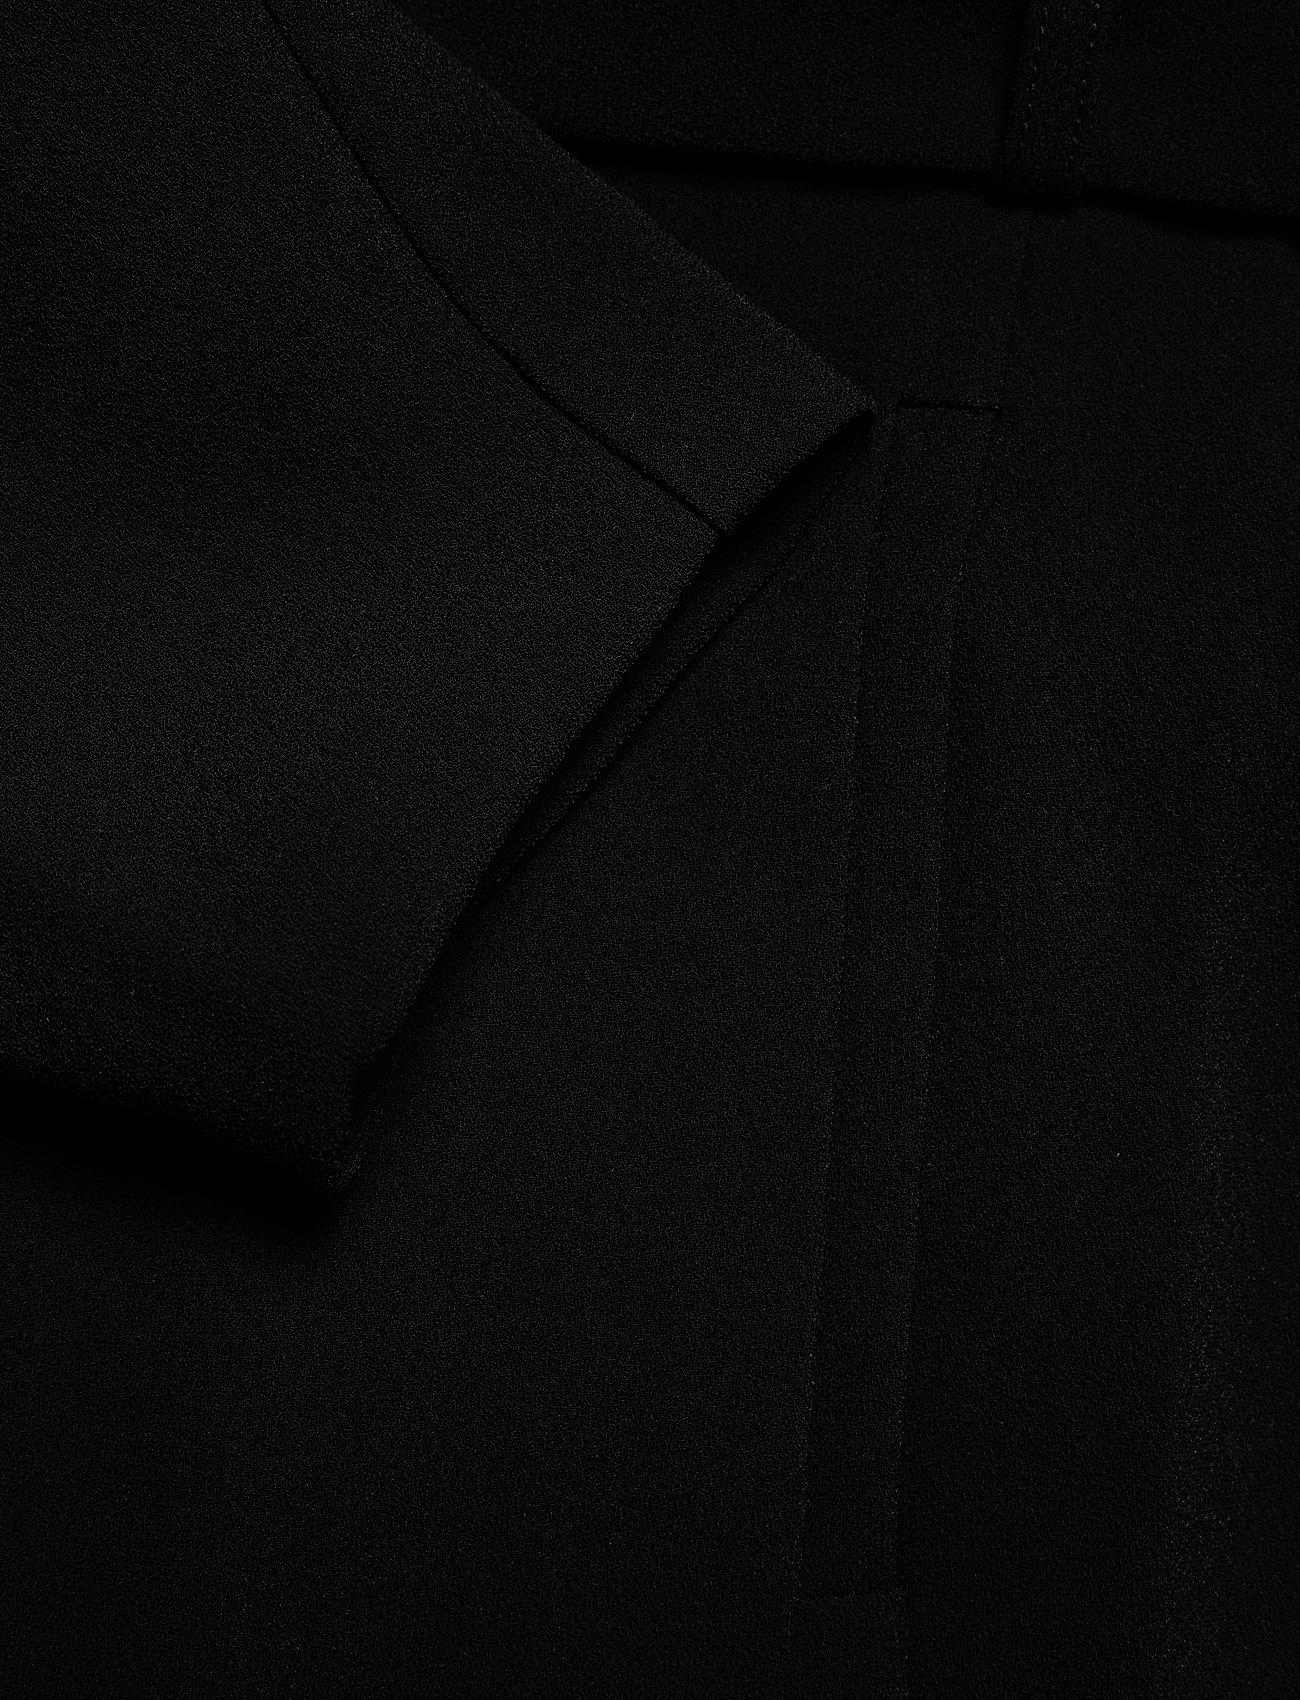 Stylein BOTAN JACKET - Blezery BLACK - Kobiety Odzież.